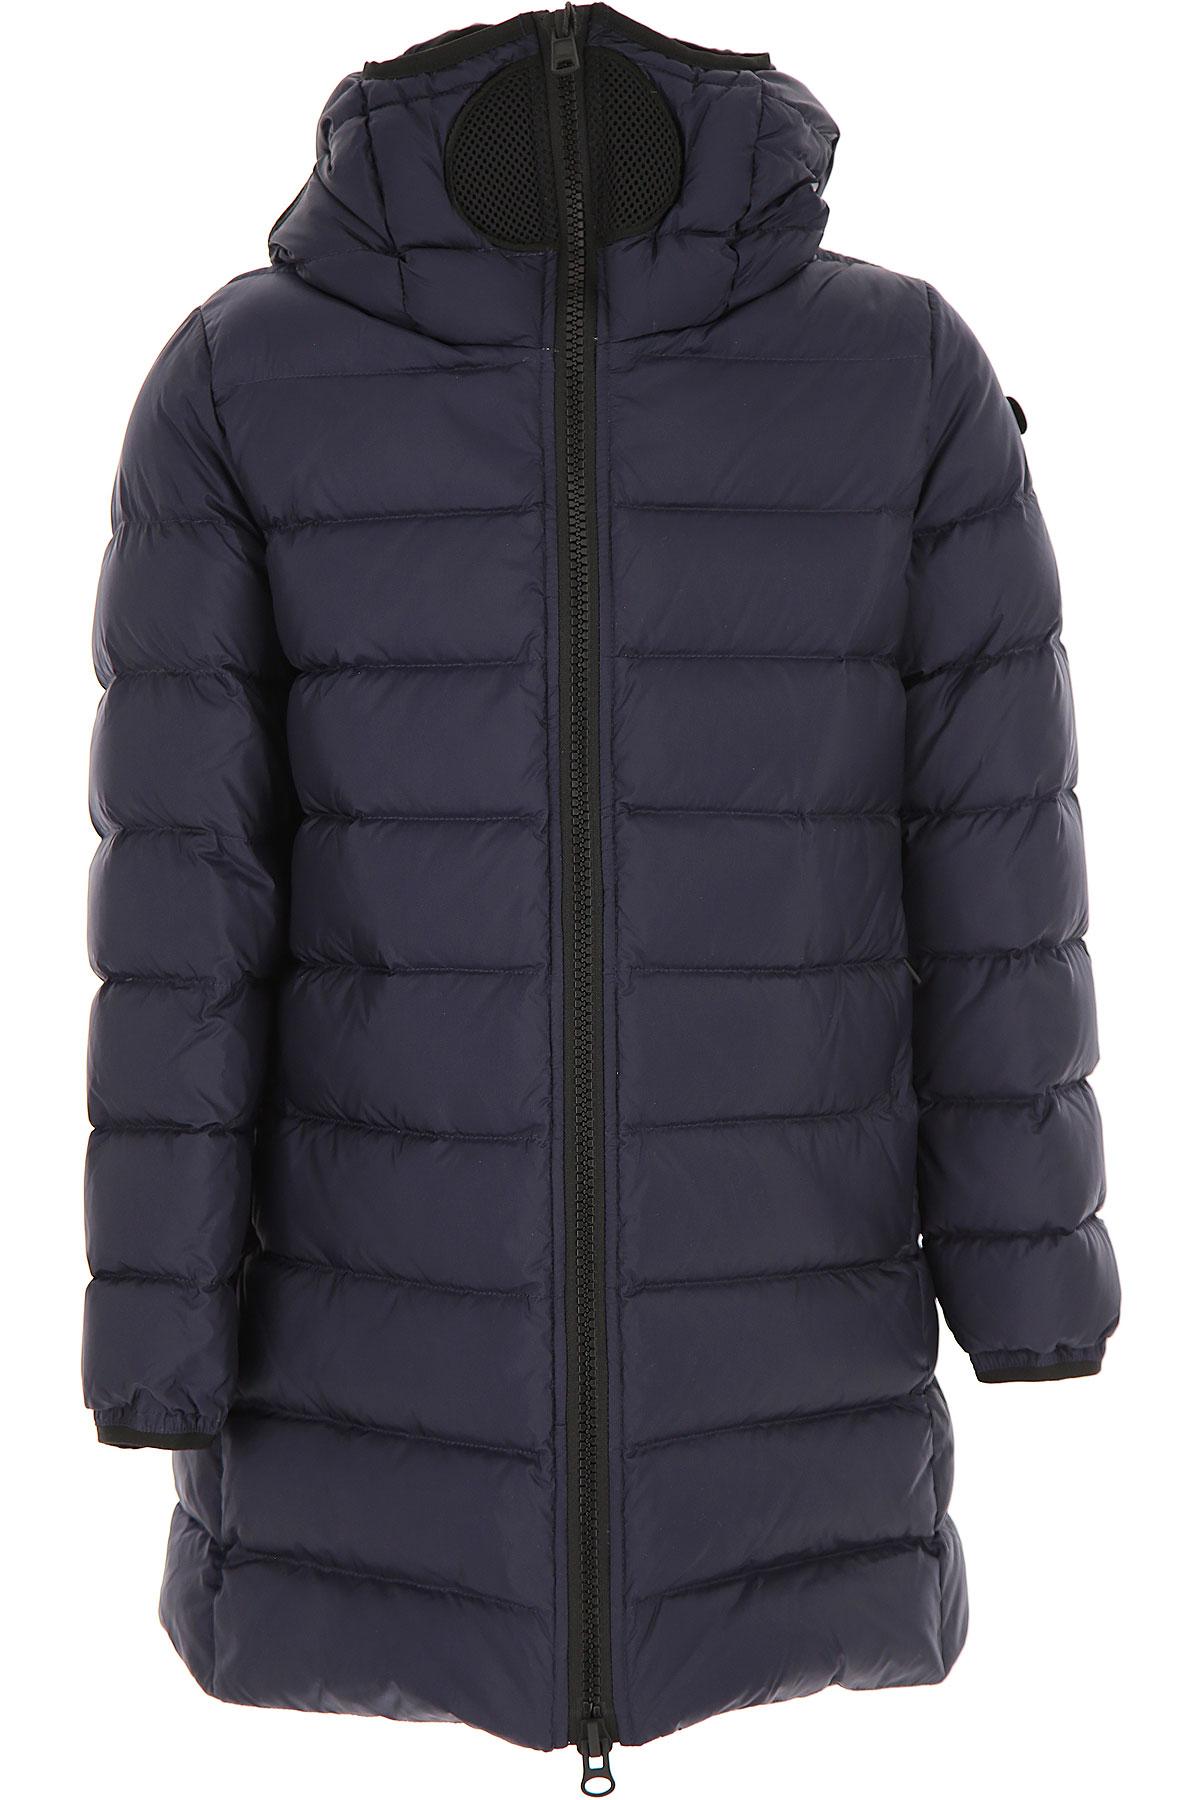 Ai Riders On The Storm Girls Down Jacket for Kids, Puffer Ski Jacket On Sale, Blue Navy, Nylon, 2019, 10Y 12Y 14Y 16Y 4Y 6Y 8Y